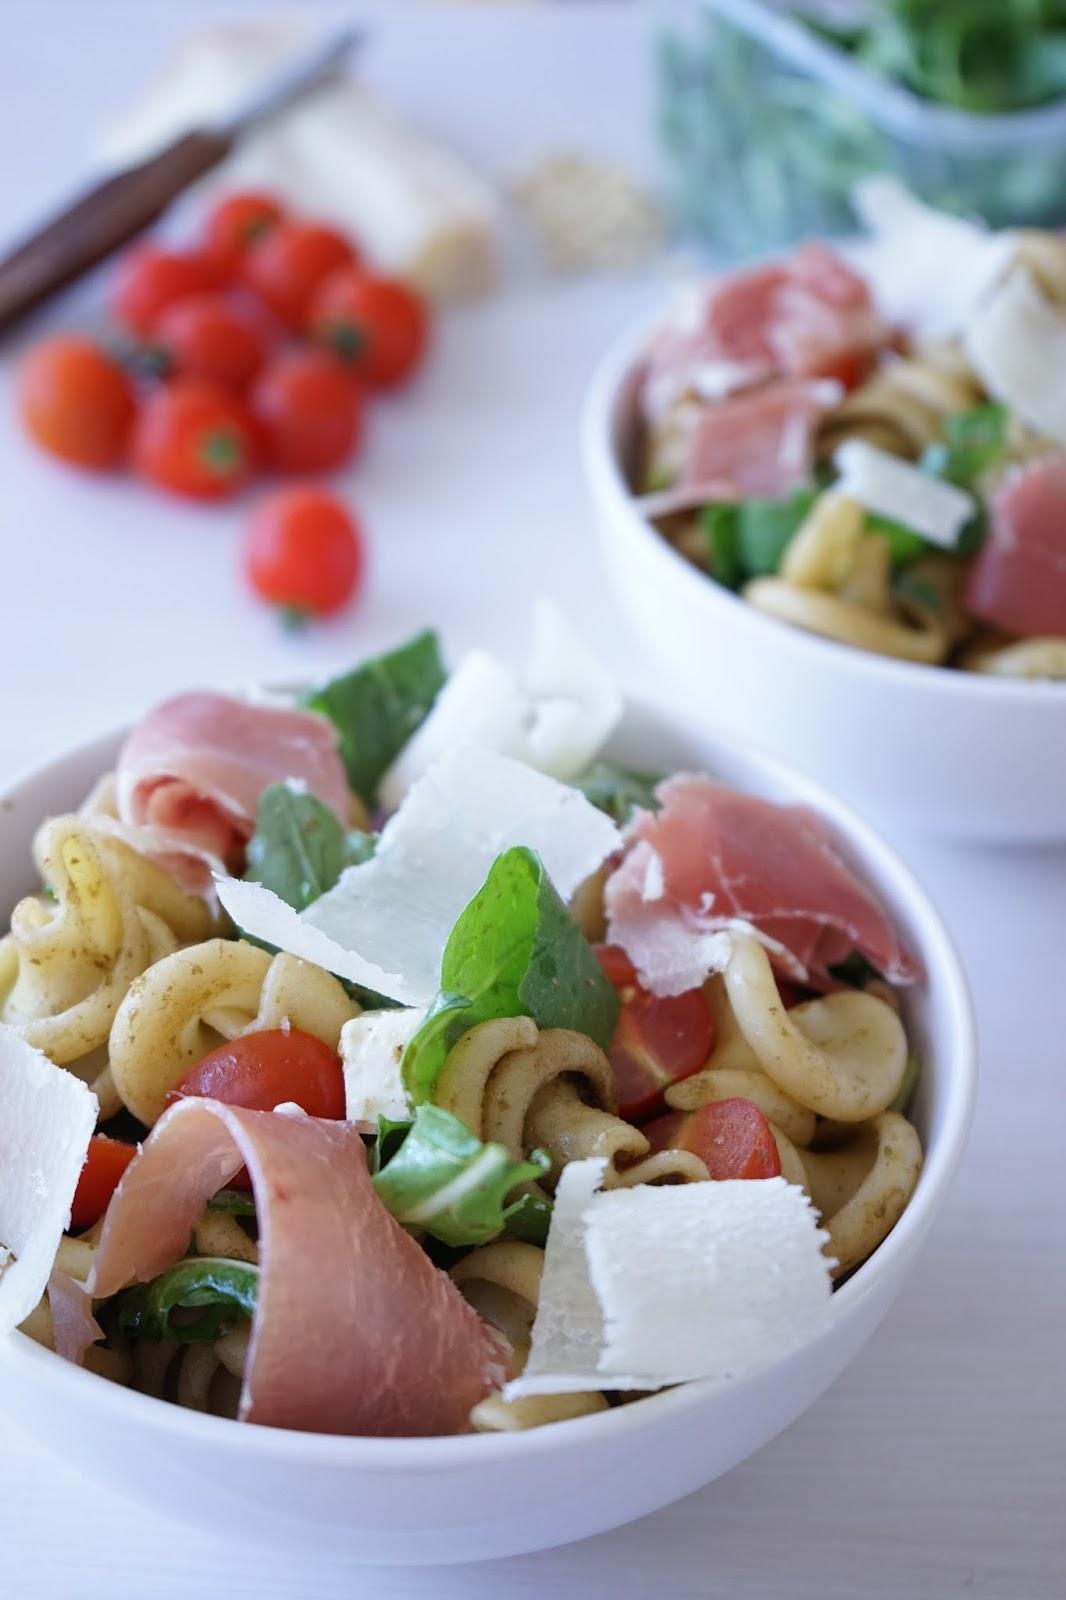 The cook time salade de p tes jambon sec tomates - Salade de pates jambon ...